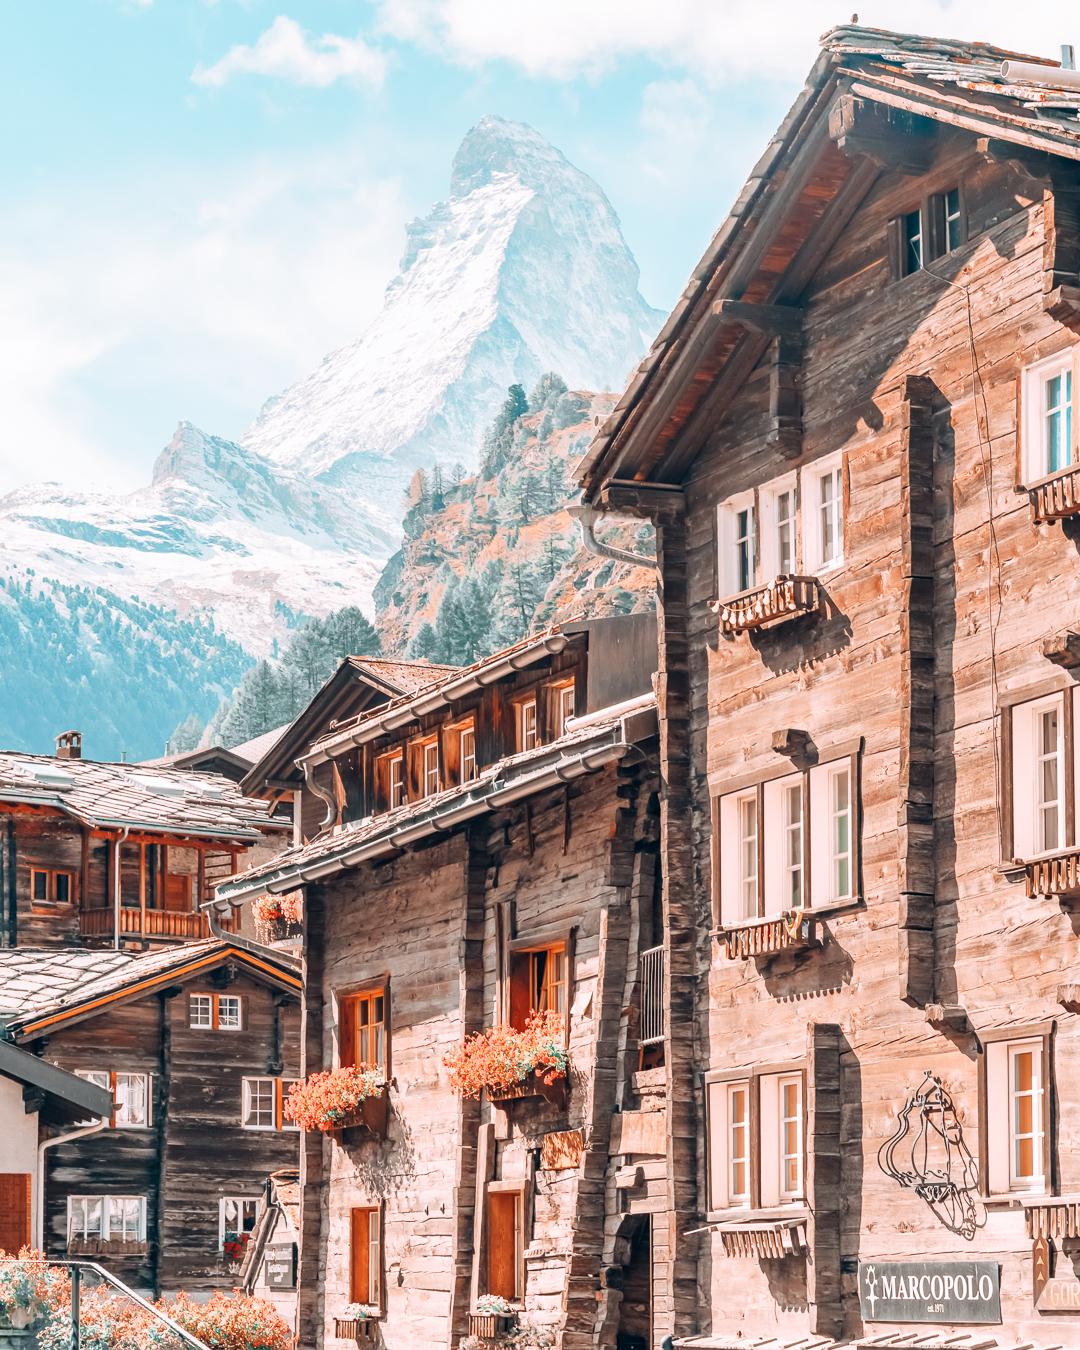 Buildings in Zermatt